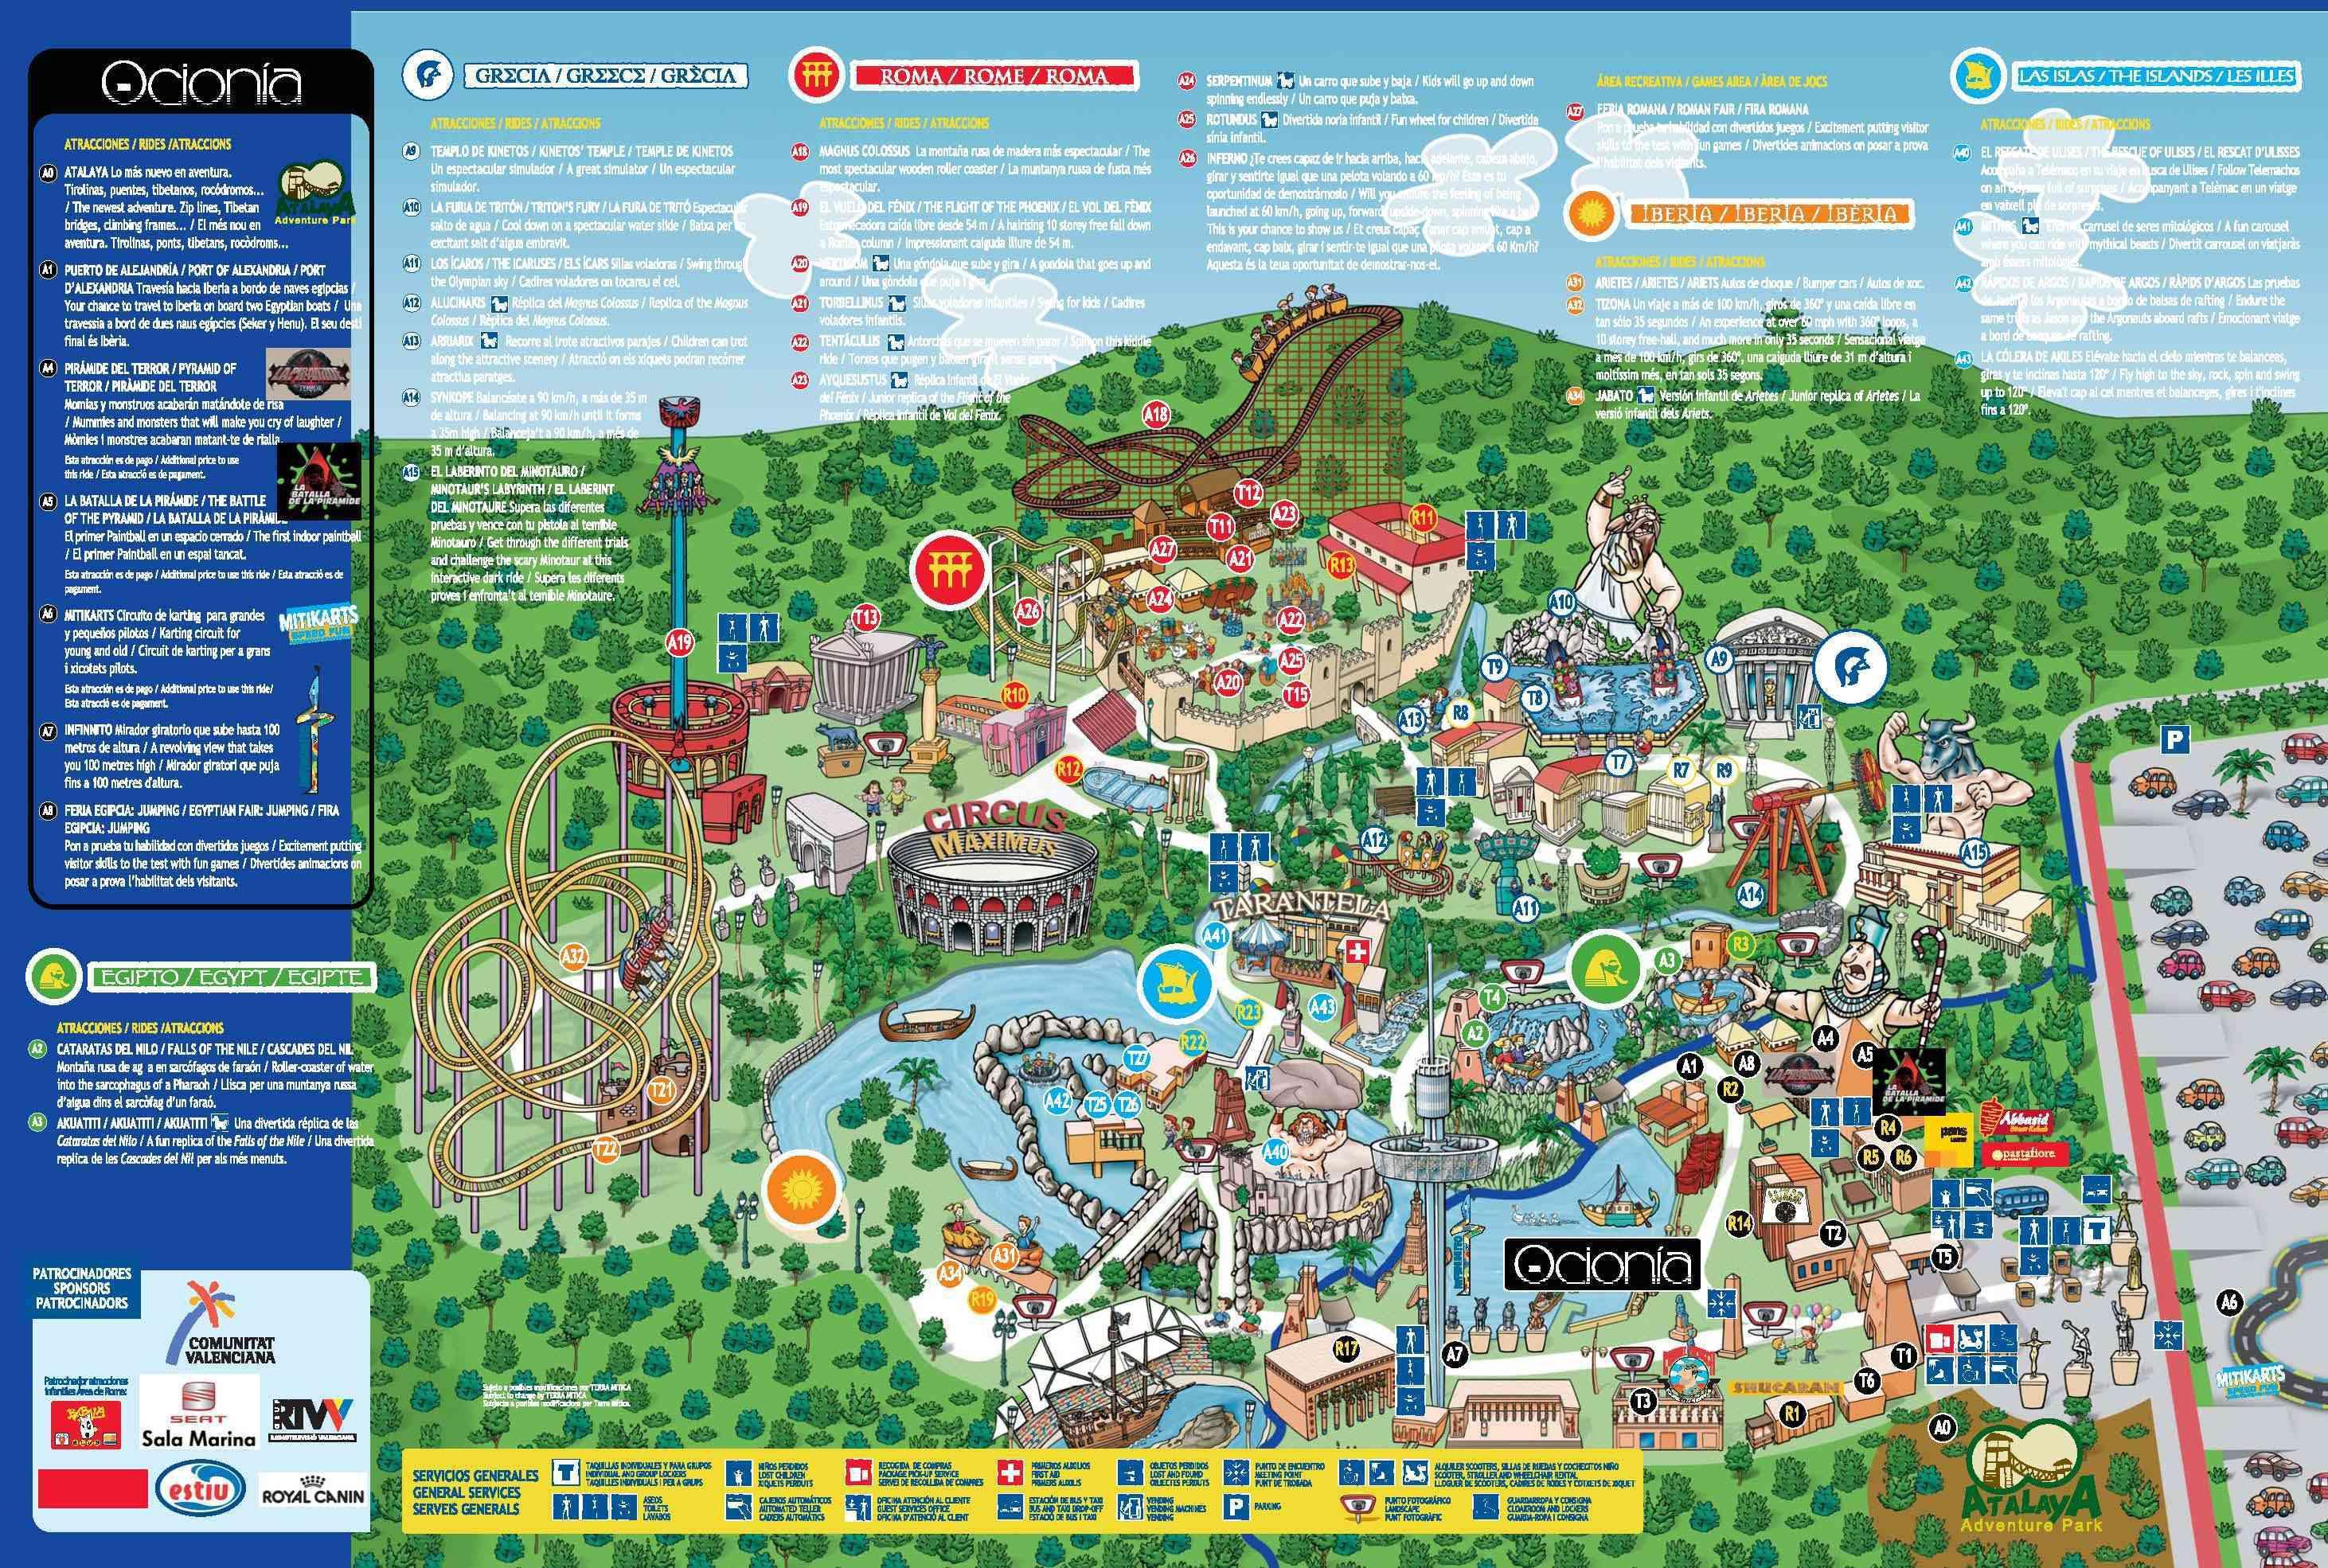 Terra Mitica Theme Park Benidorm Valencia Costa Blanca